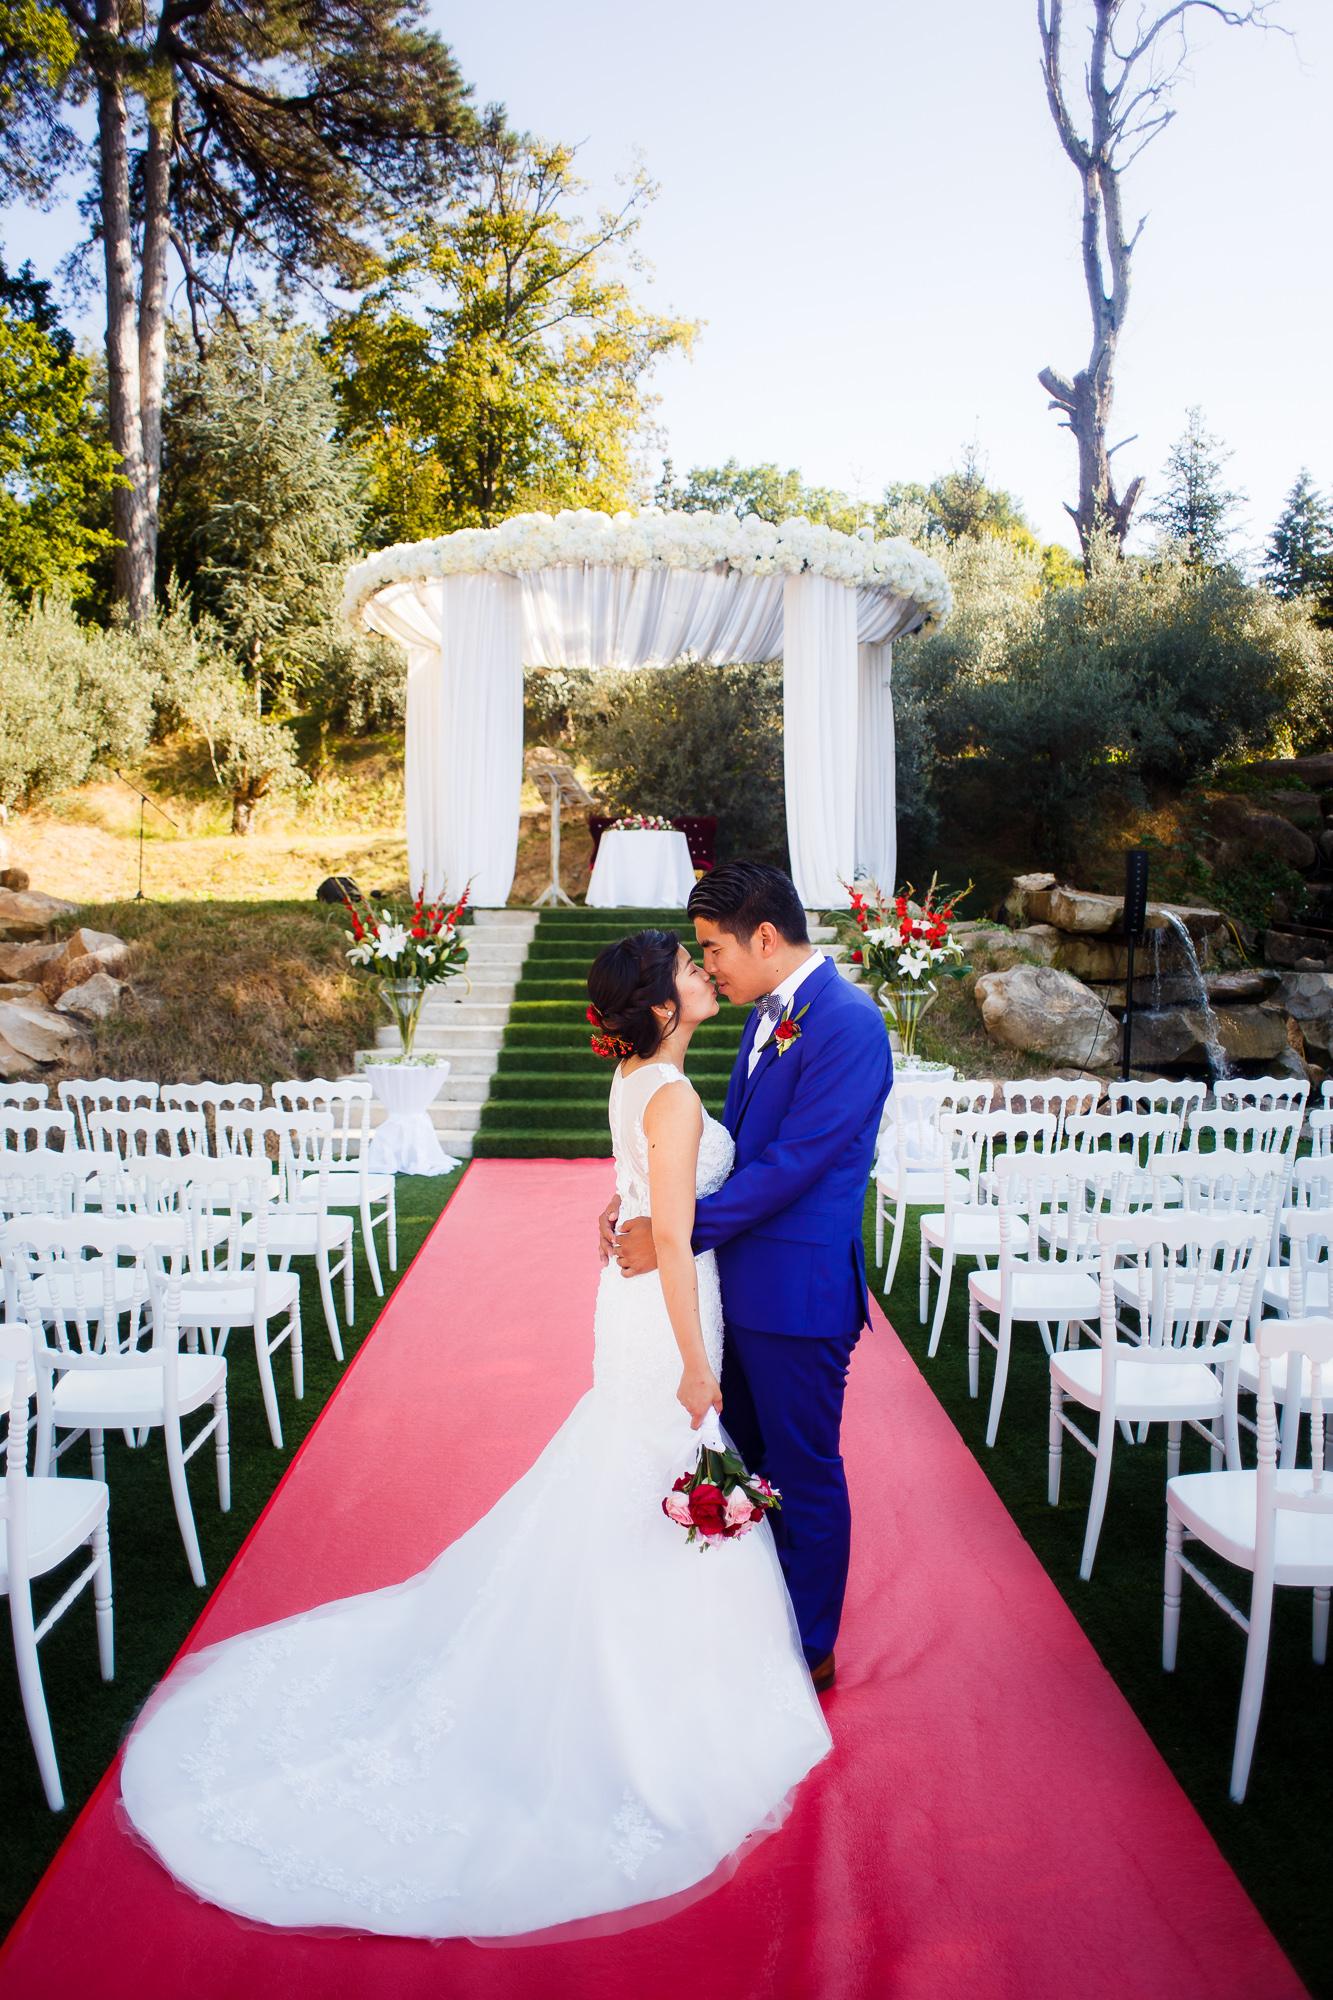 Mariage au Manoir des Cygnes couple asiatique